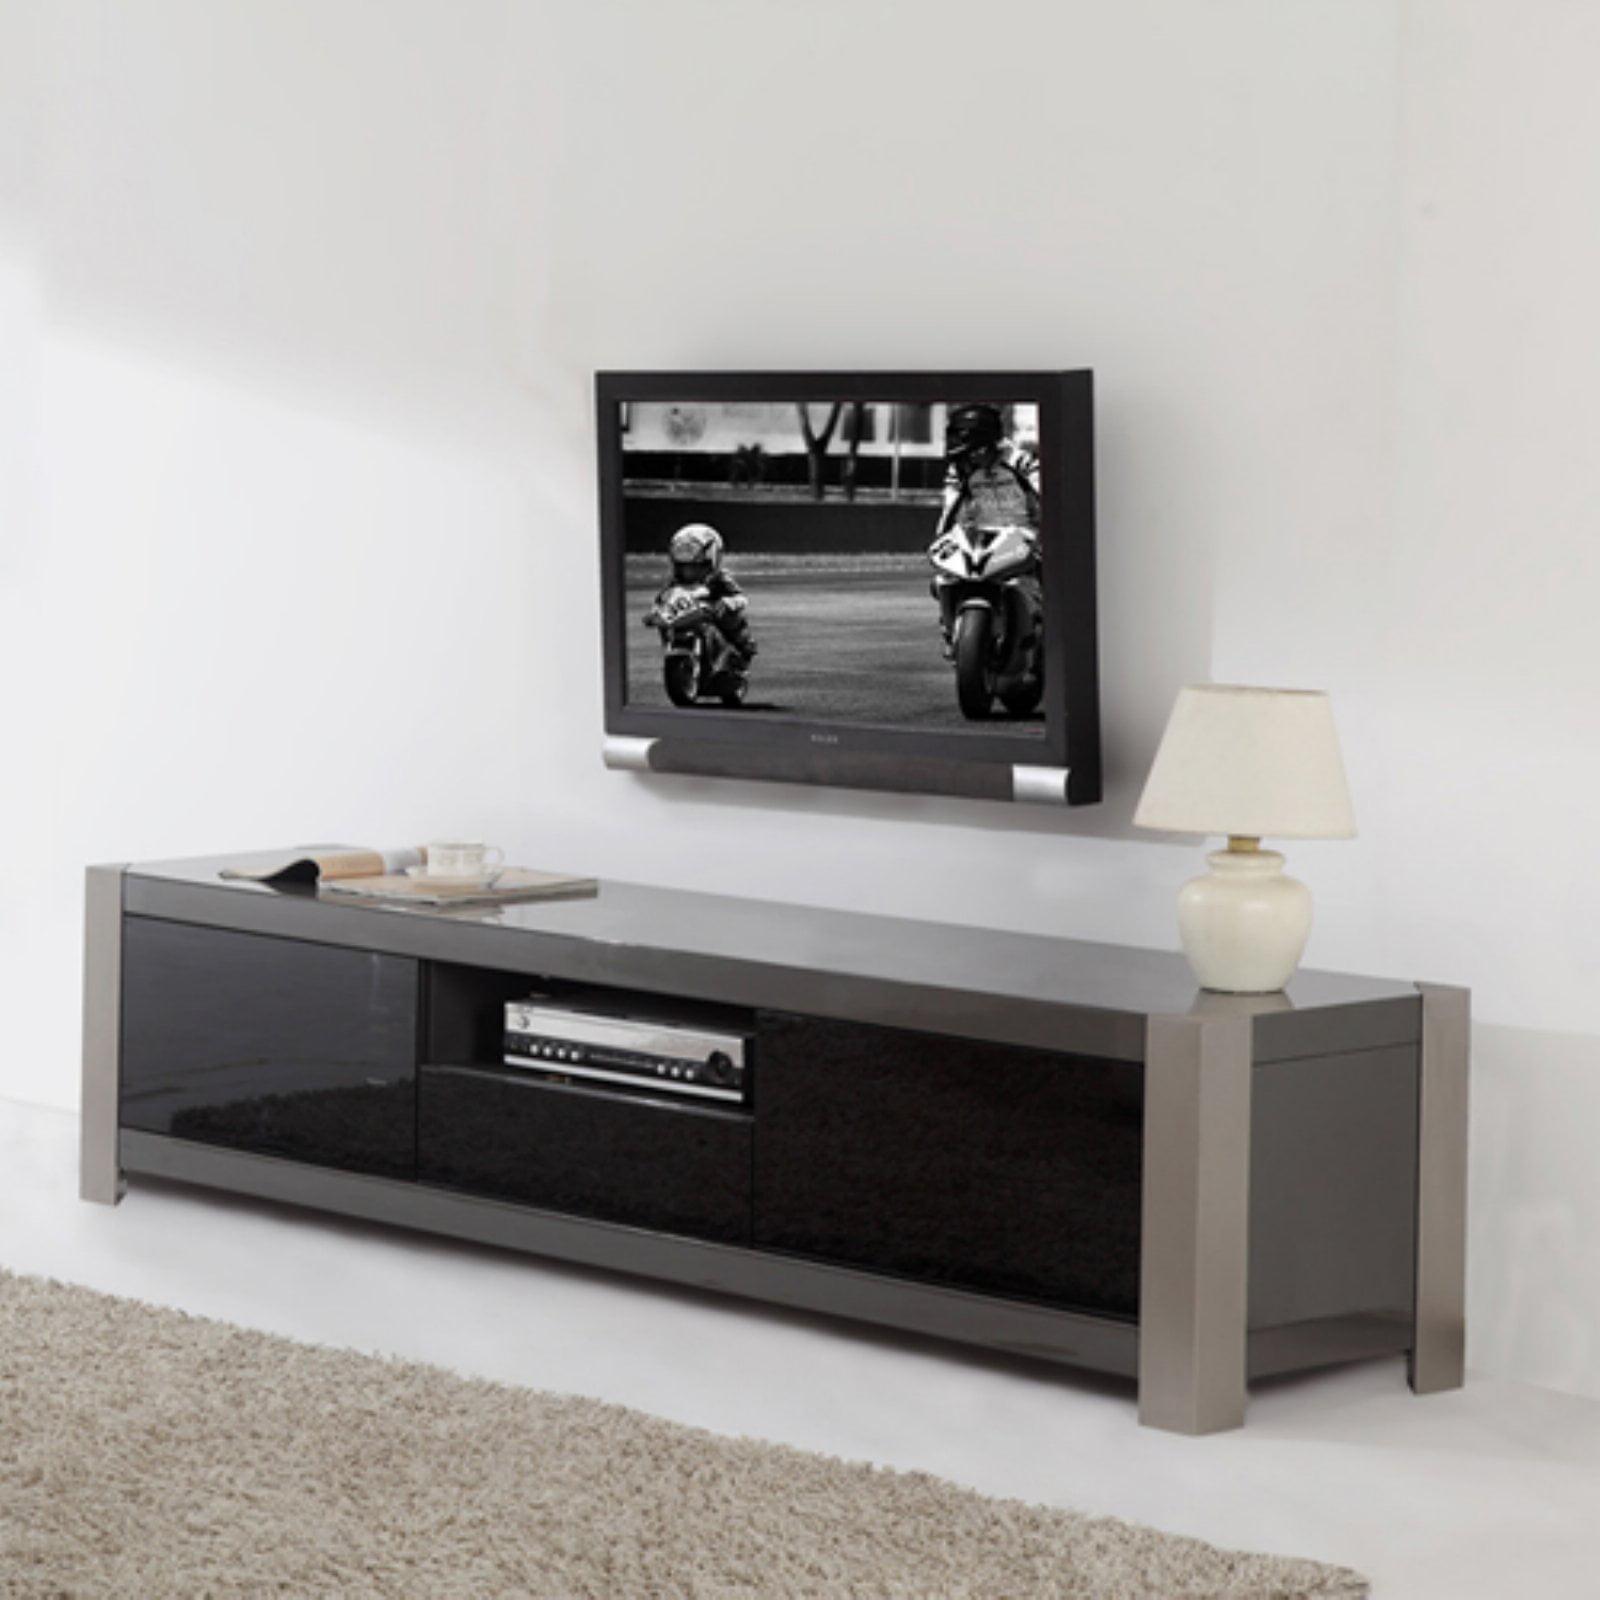 B-Modern Coordinator TV Stand